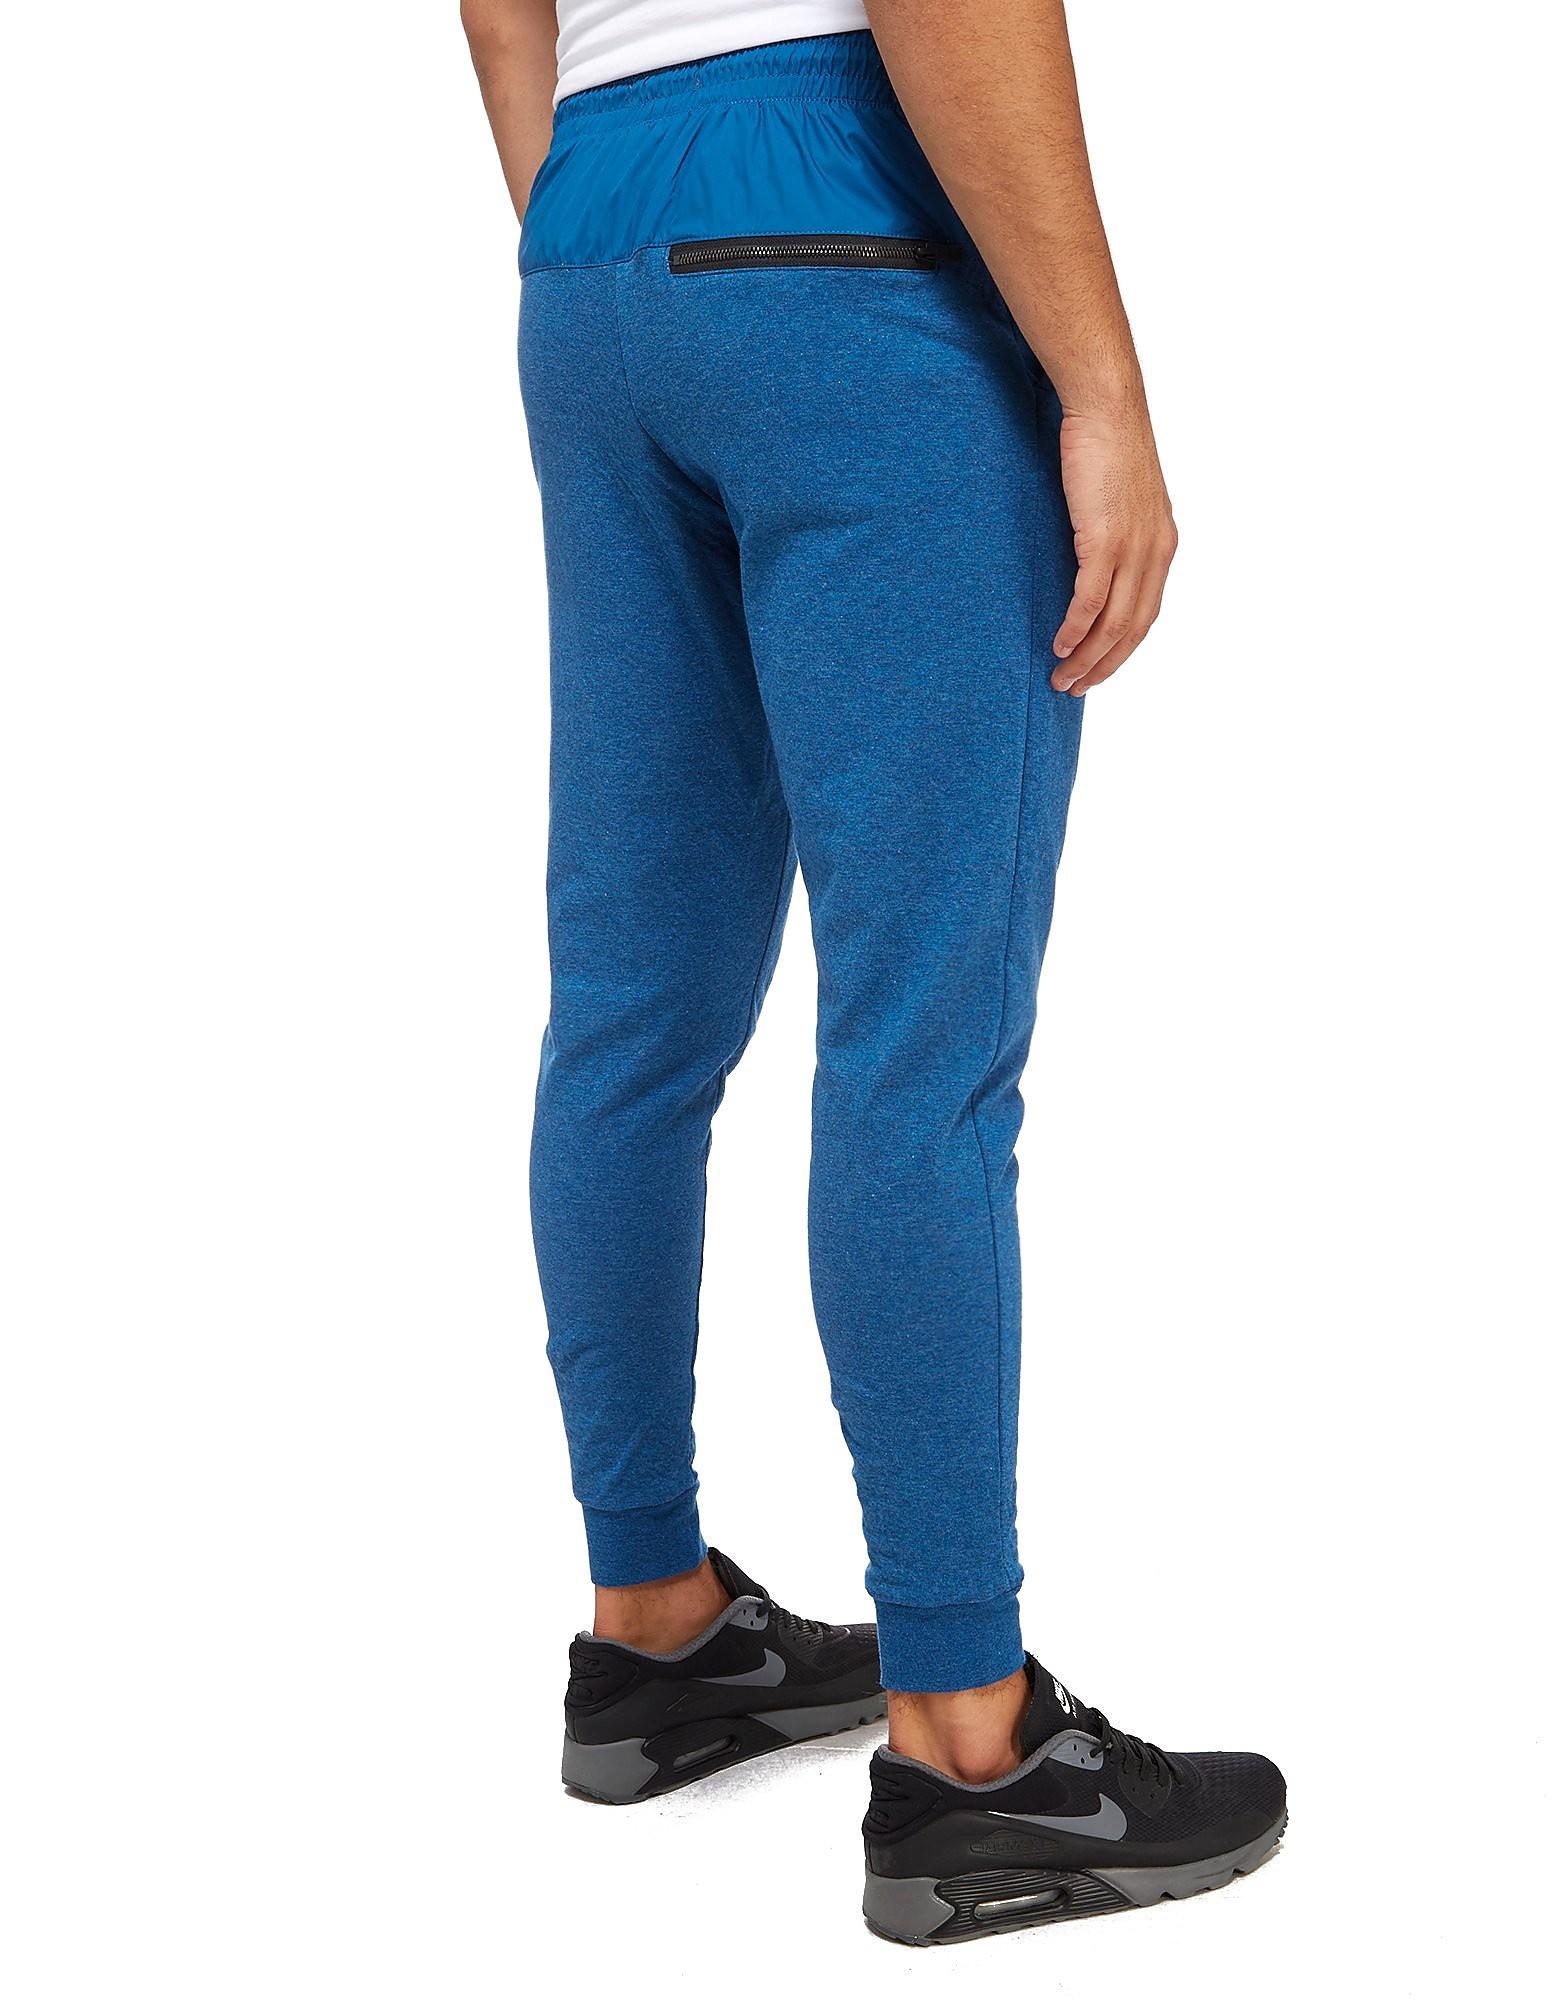 Nike Modern Essential Pants